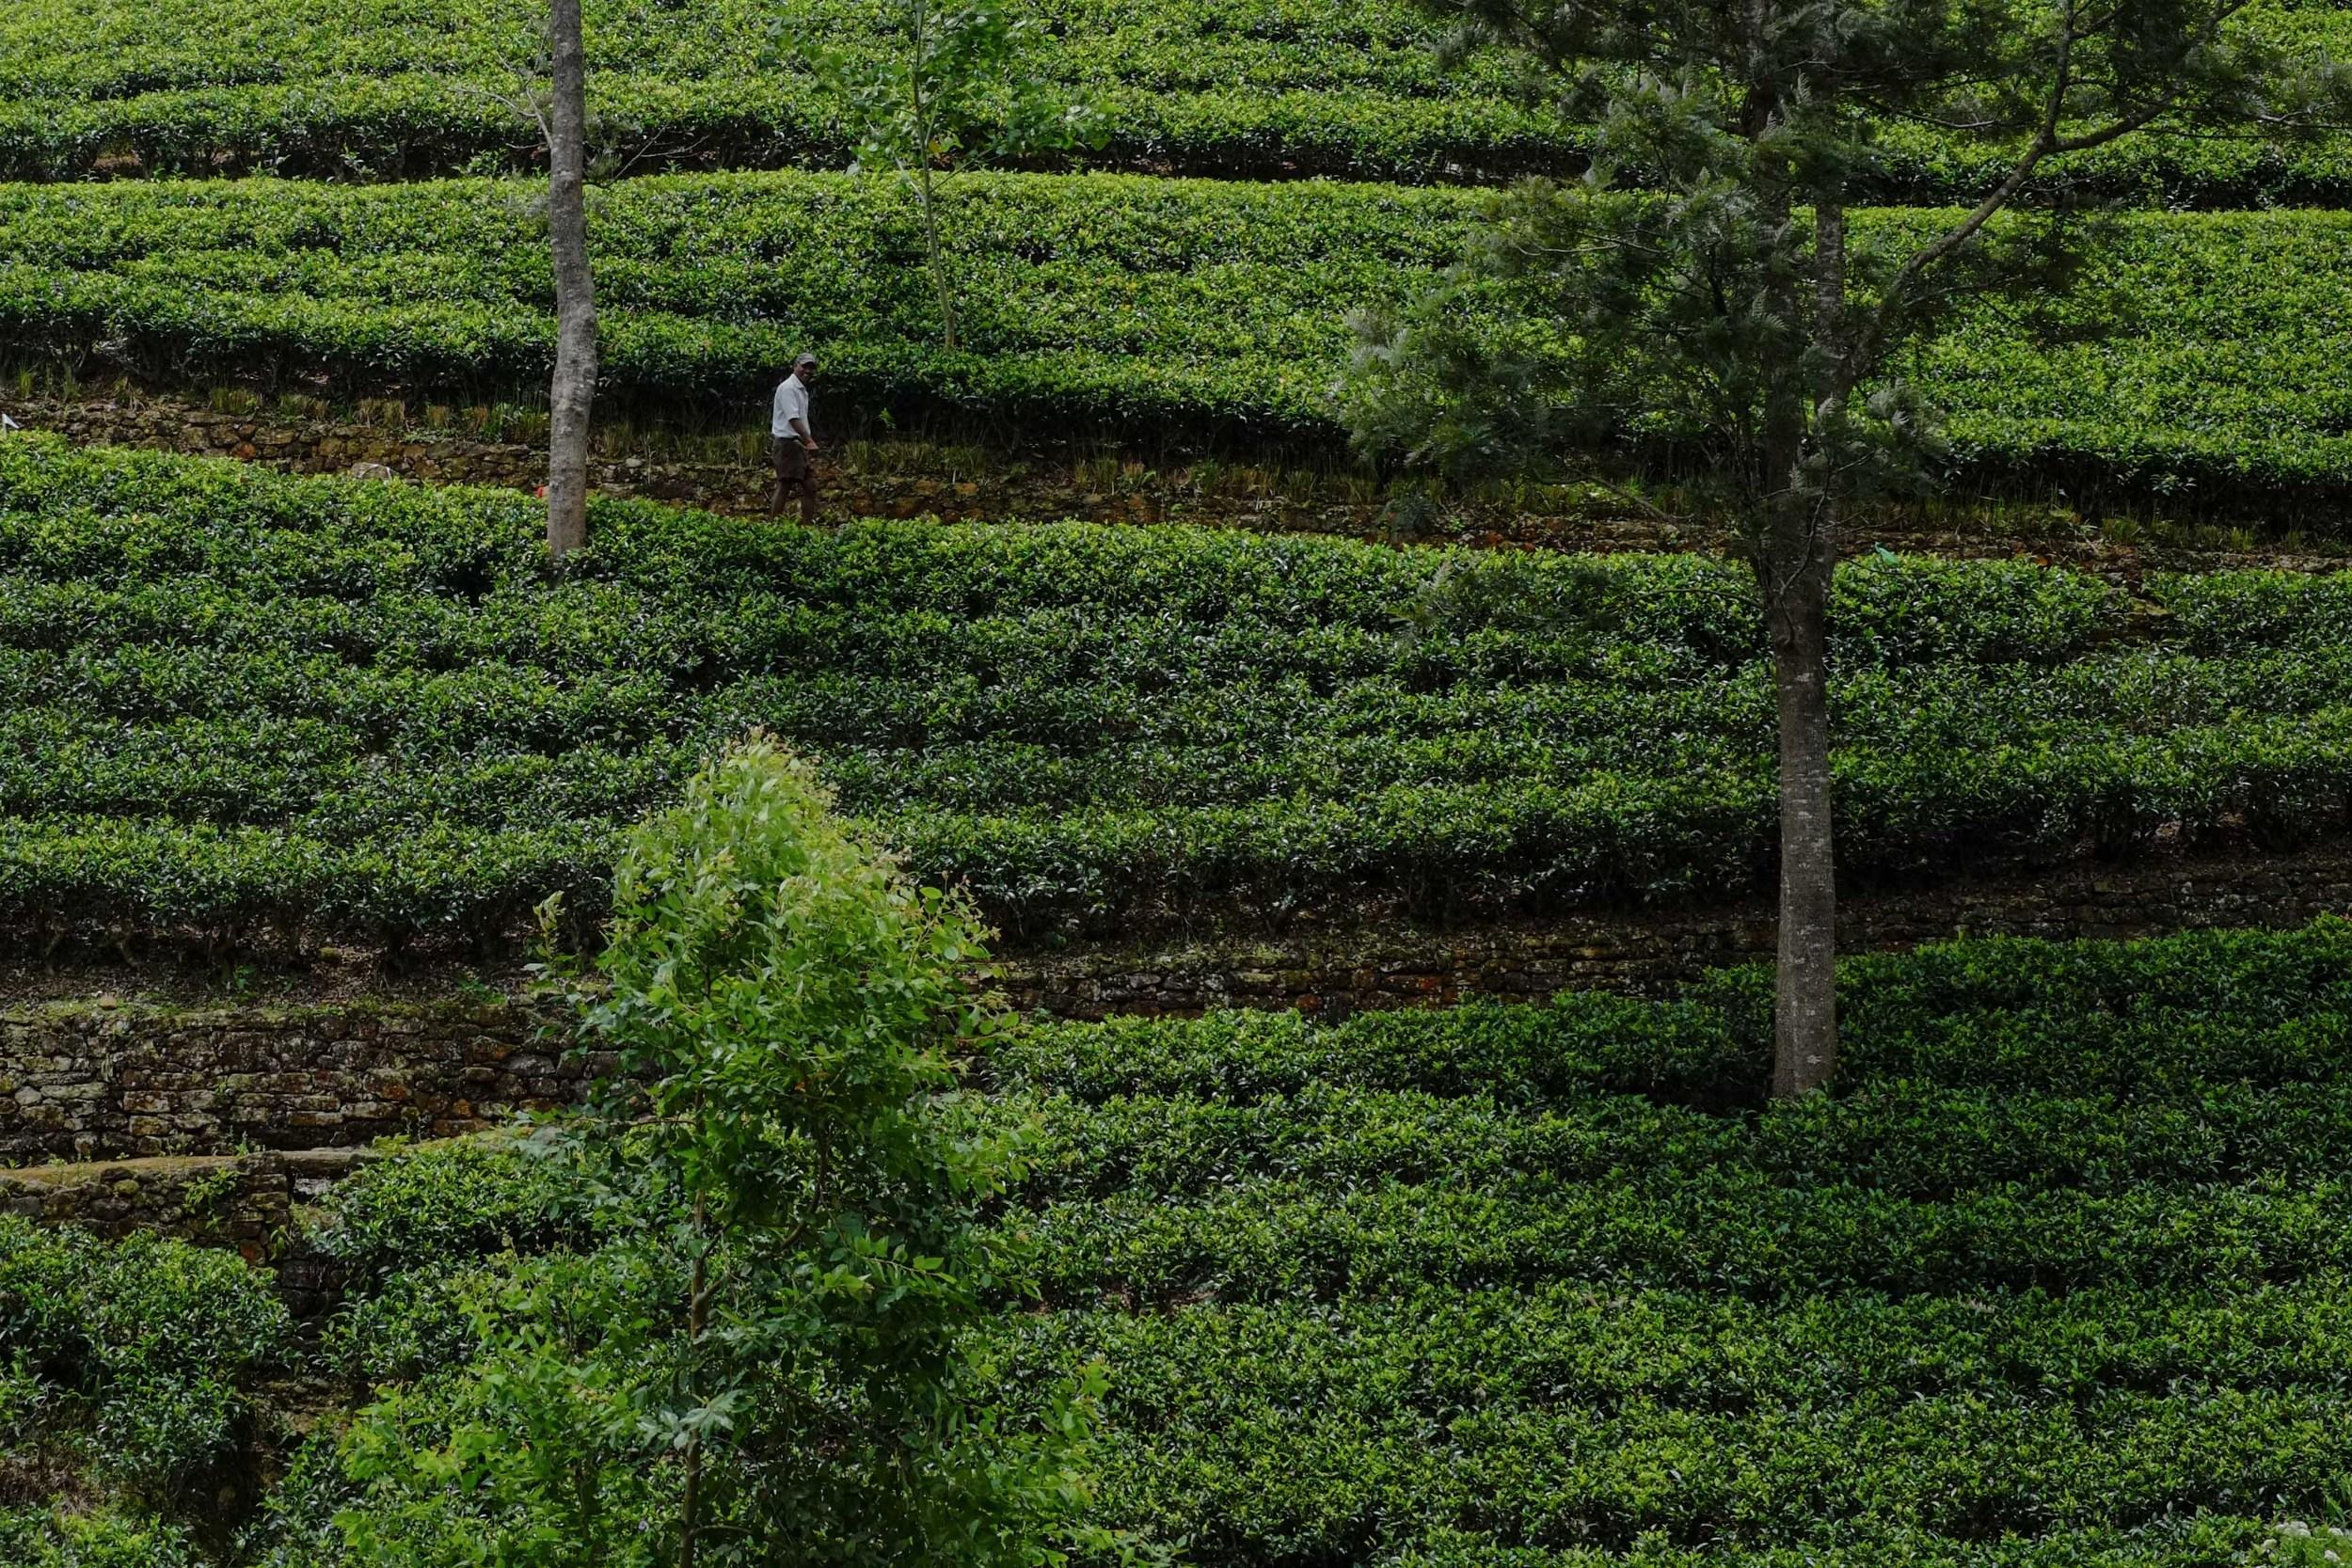 Sri Lankan tea (often called Ceylon tea) makes up roughly 50% of world tea exports.